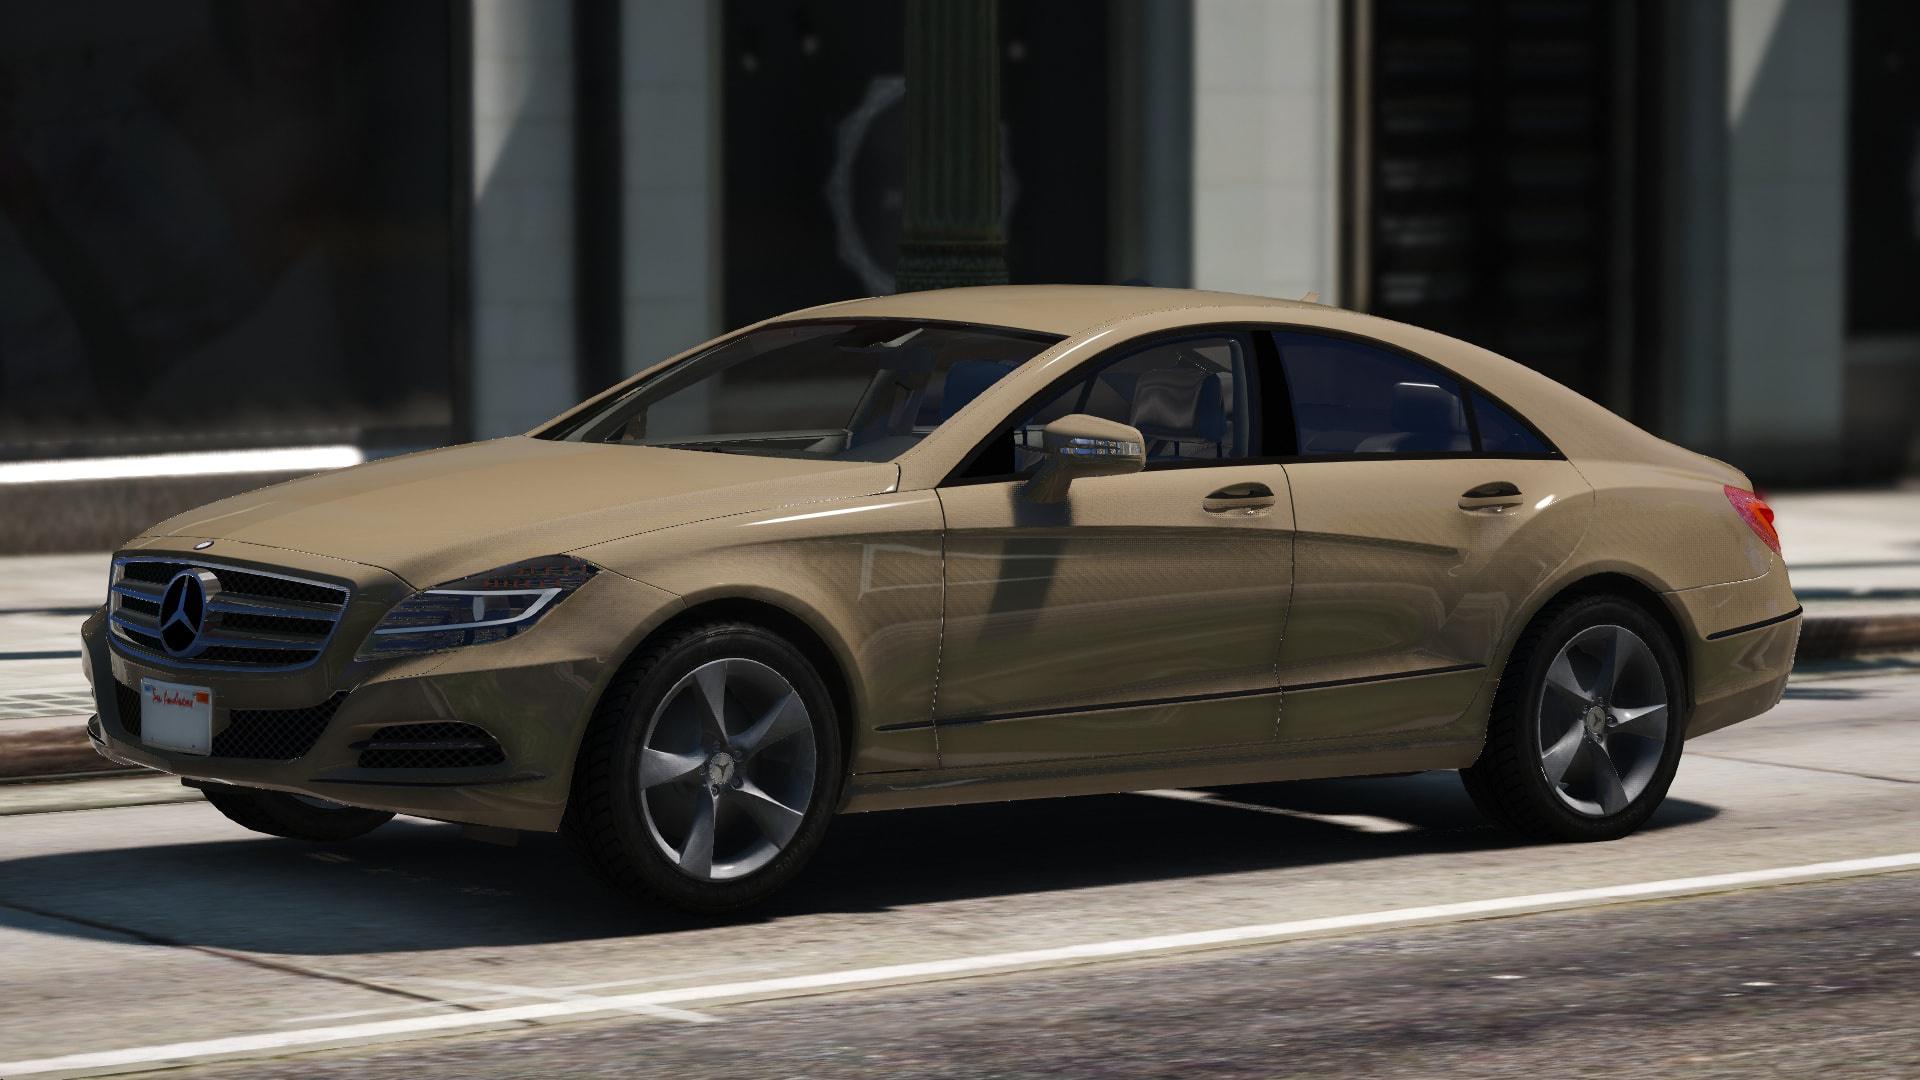 Mercedes benz cls 2012 unlocked gta5 for Mercedes benz cls500